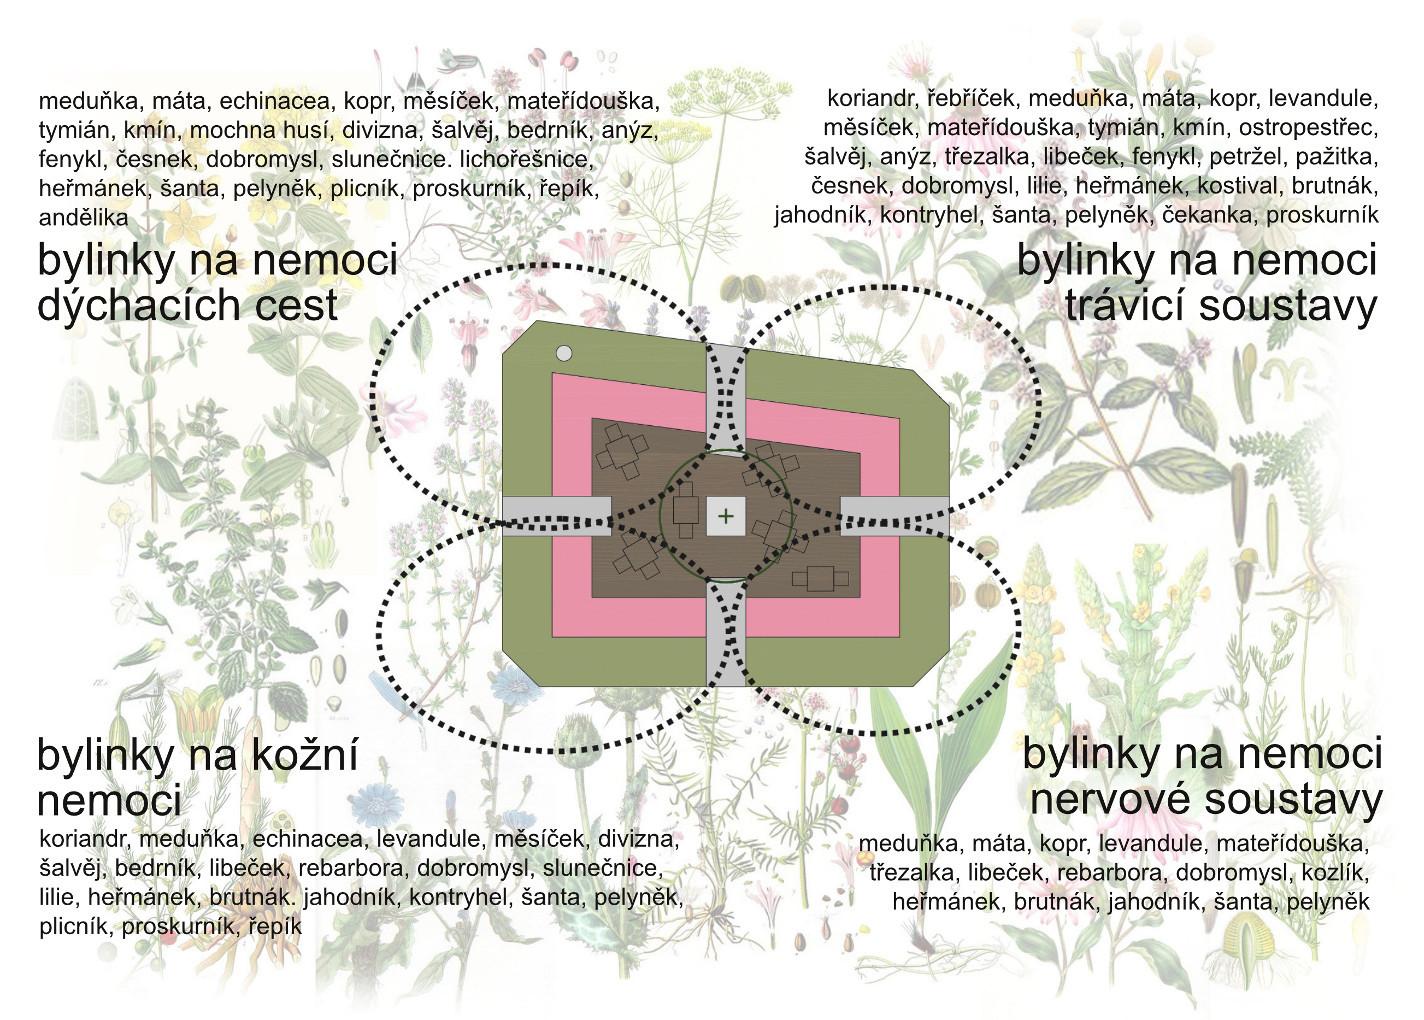 Klášterní bylinková zahrádka